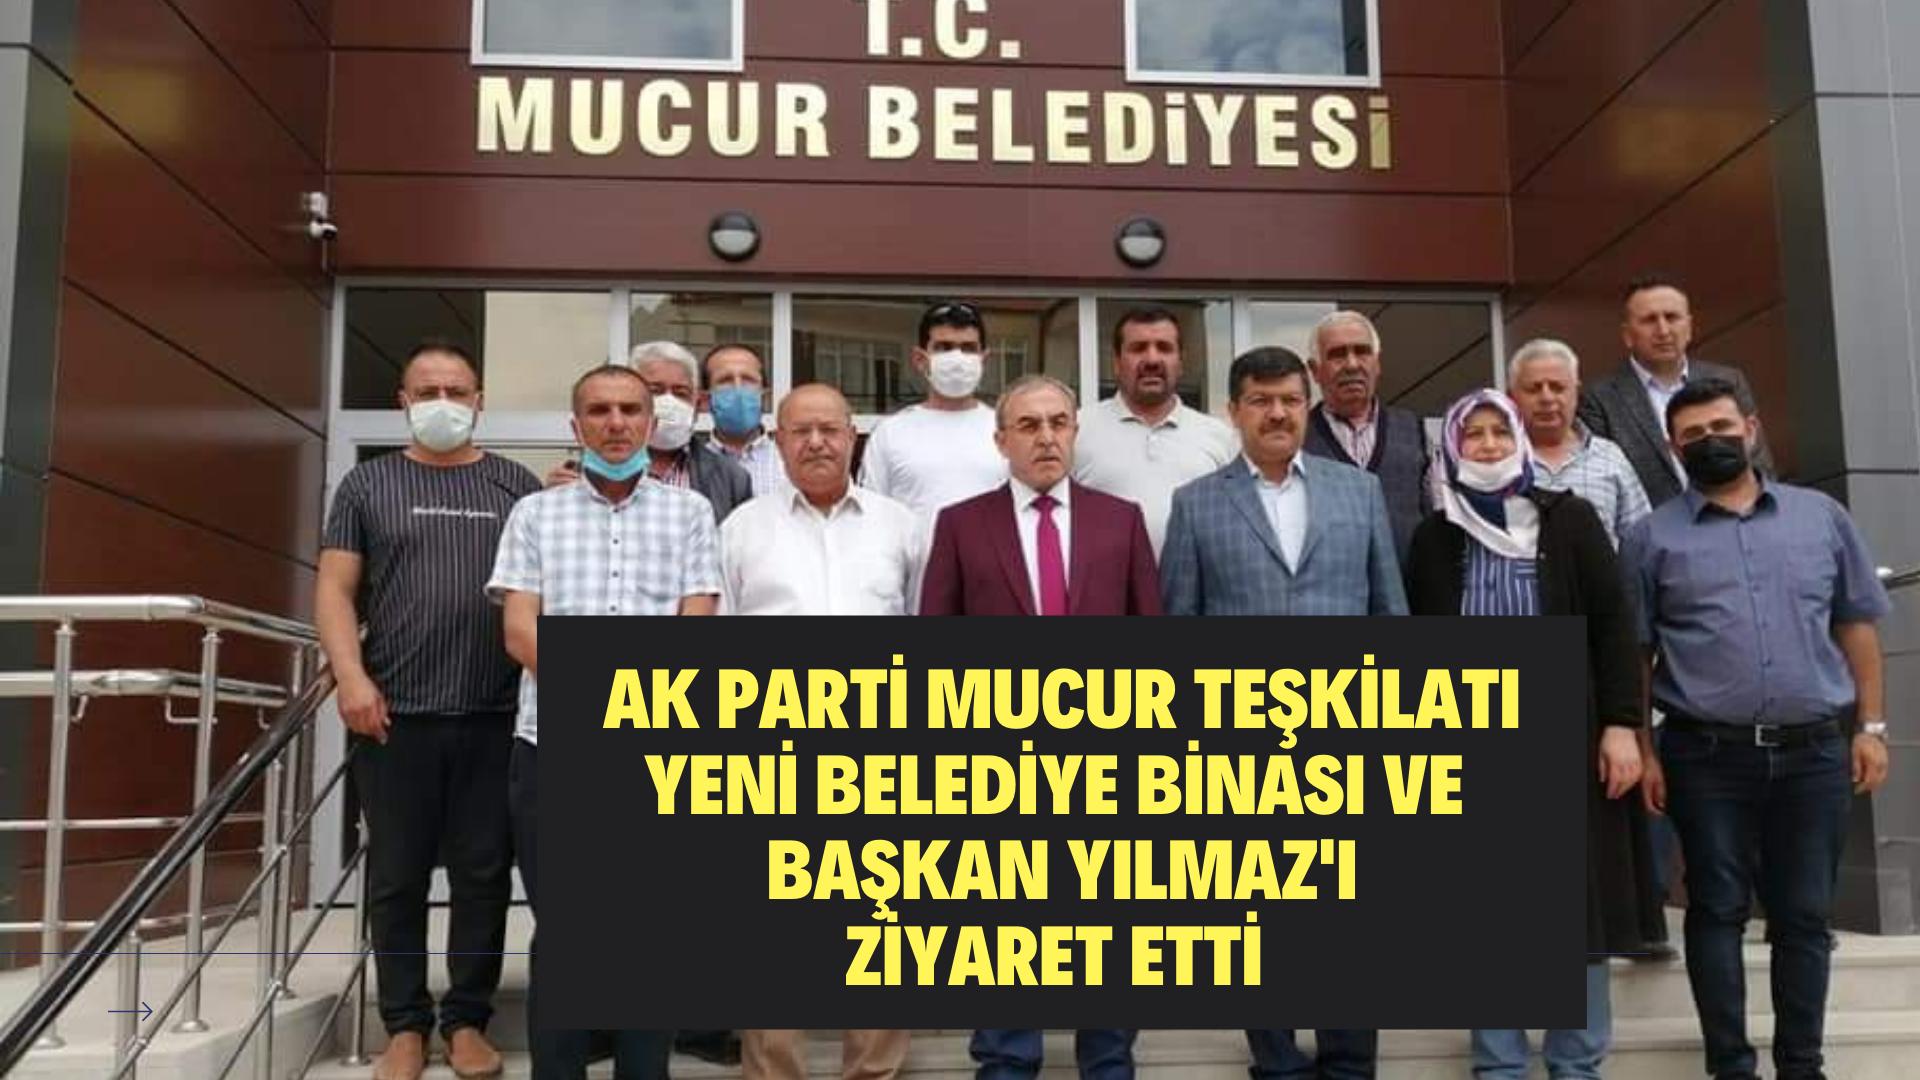 AK Parti Mucur teşkilatı yeni belediye binasını ziyaret etti